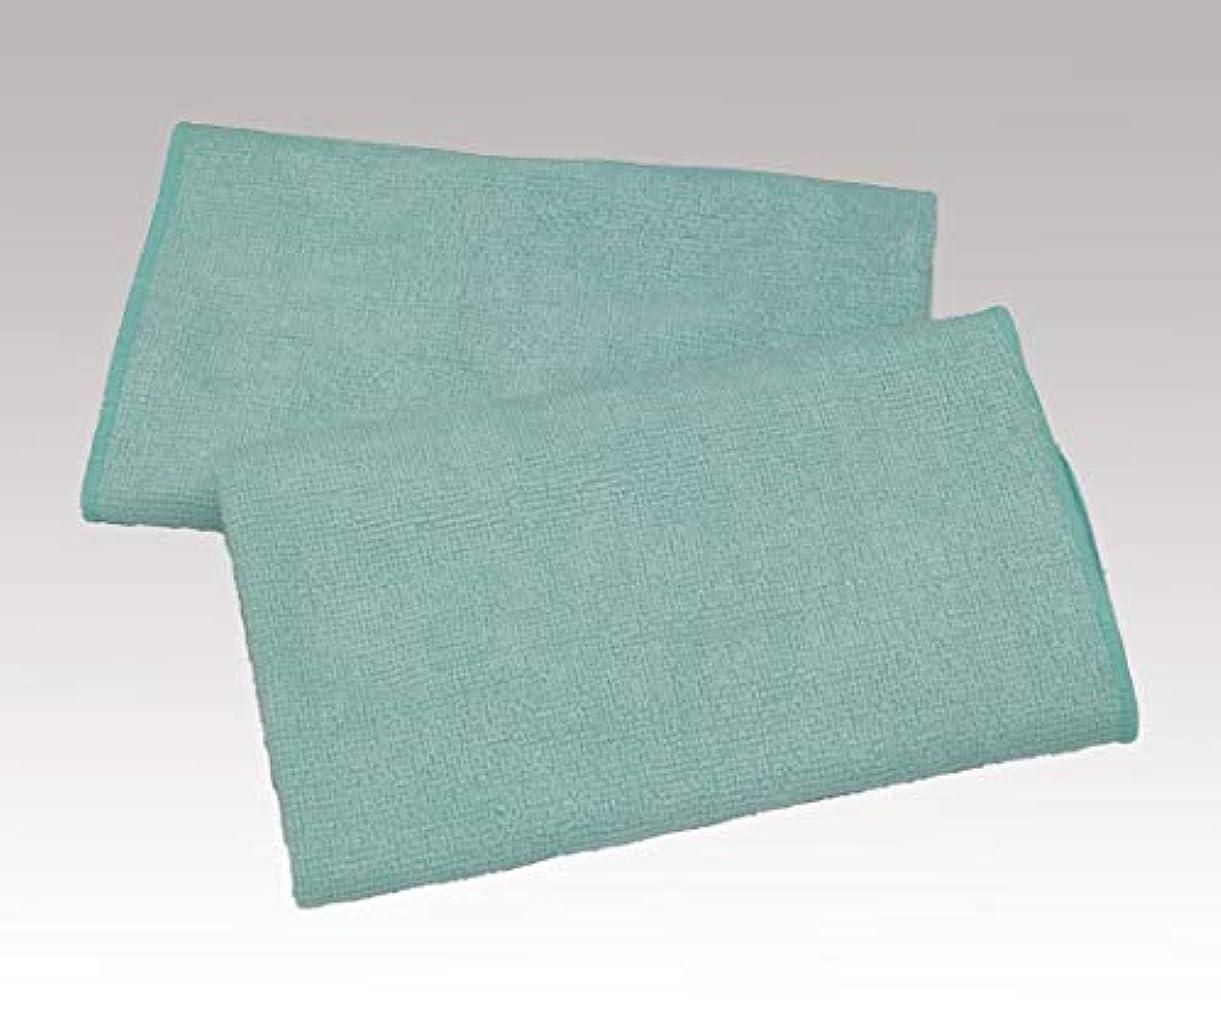 シーボードビル八ダブル織りタオル 清拭タオル